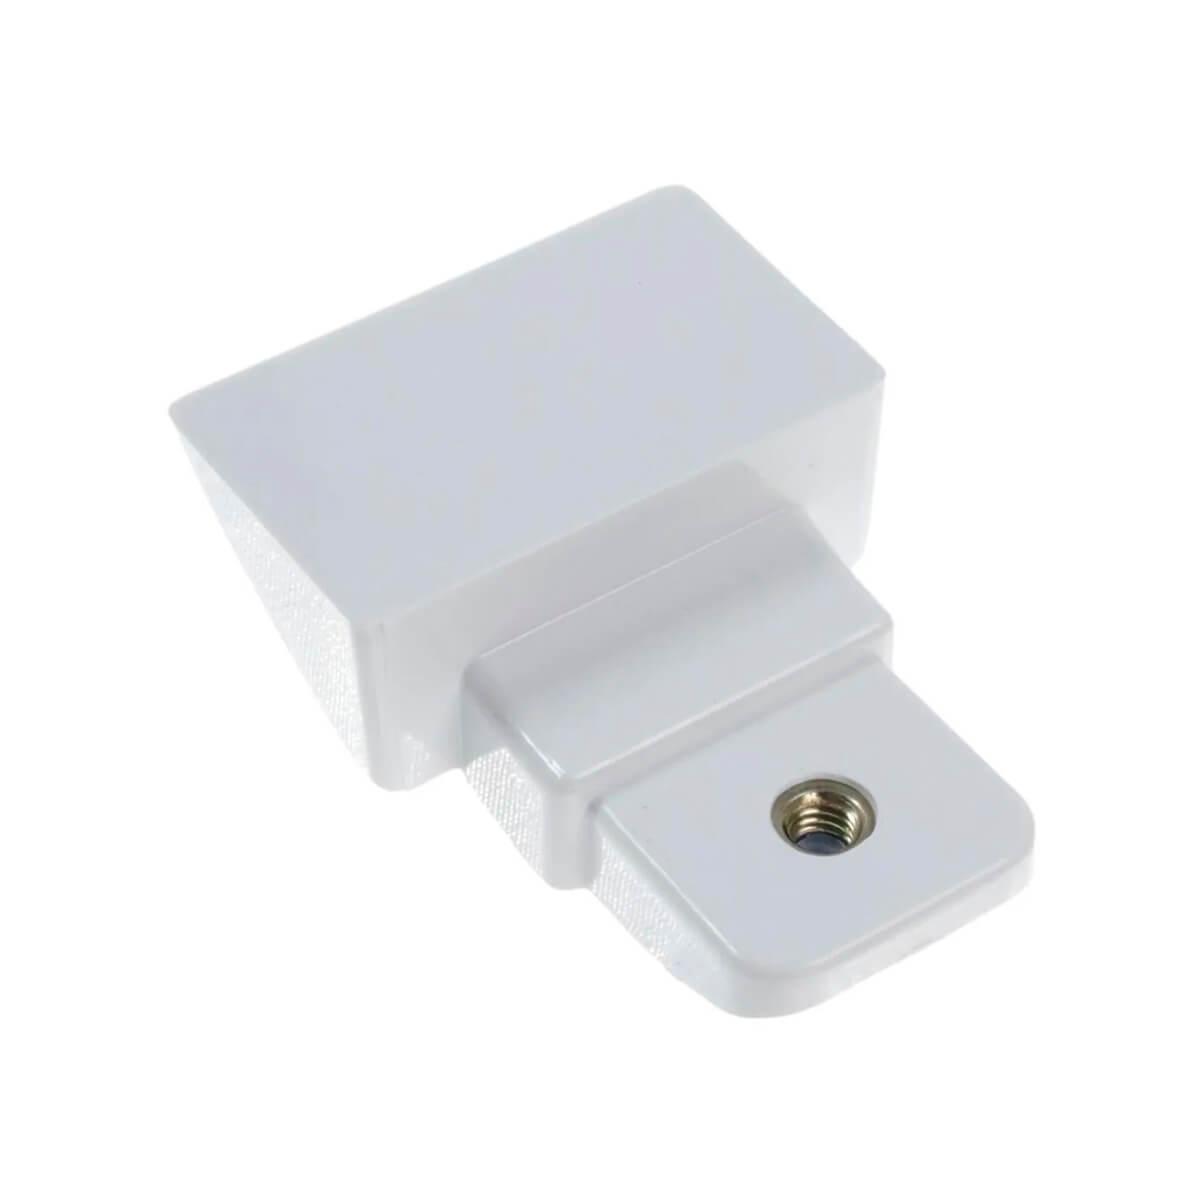 Suporte Do Puxador Para Refrigerador Electrolux - 67496080